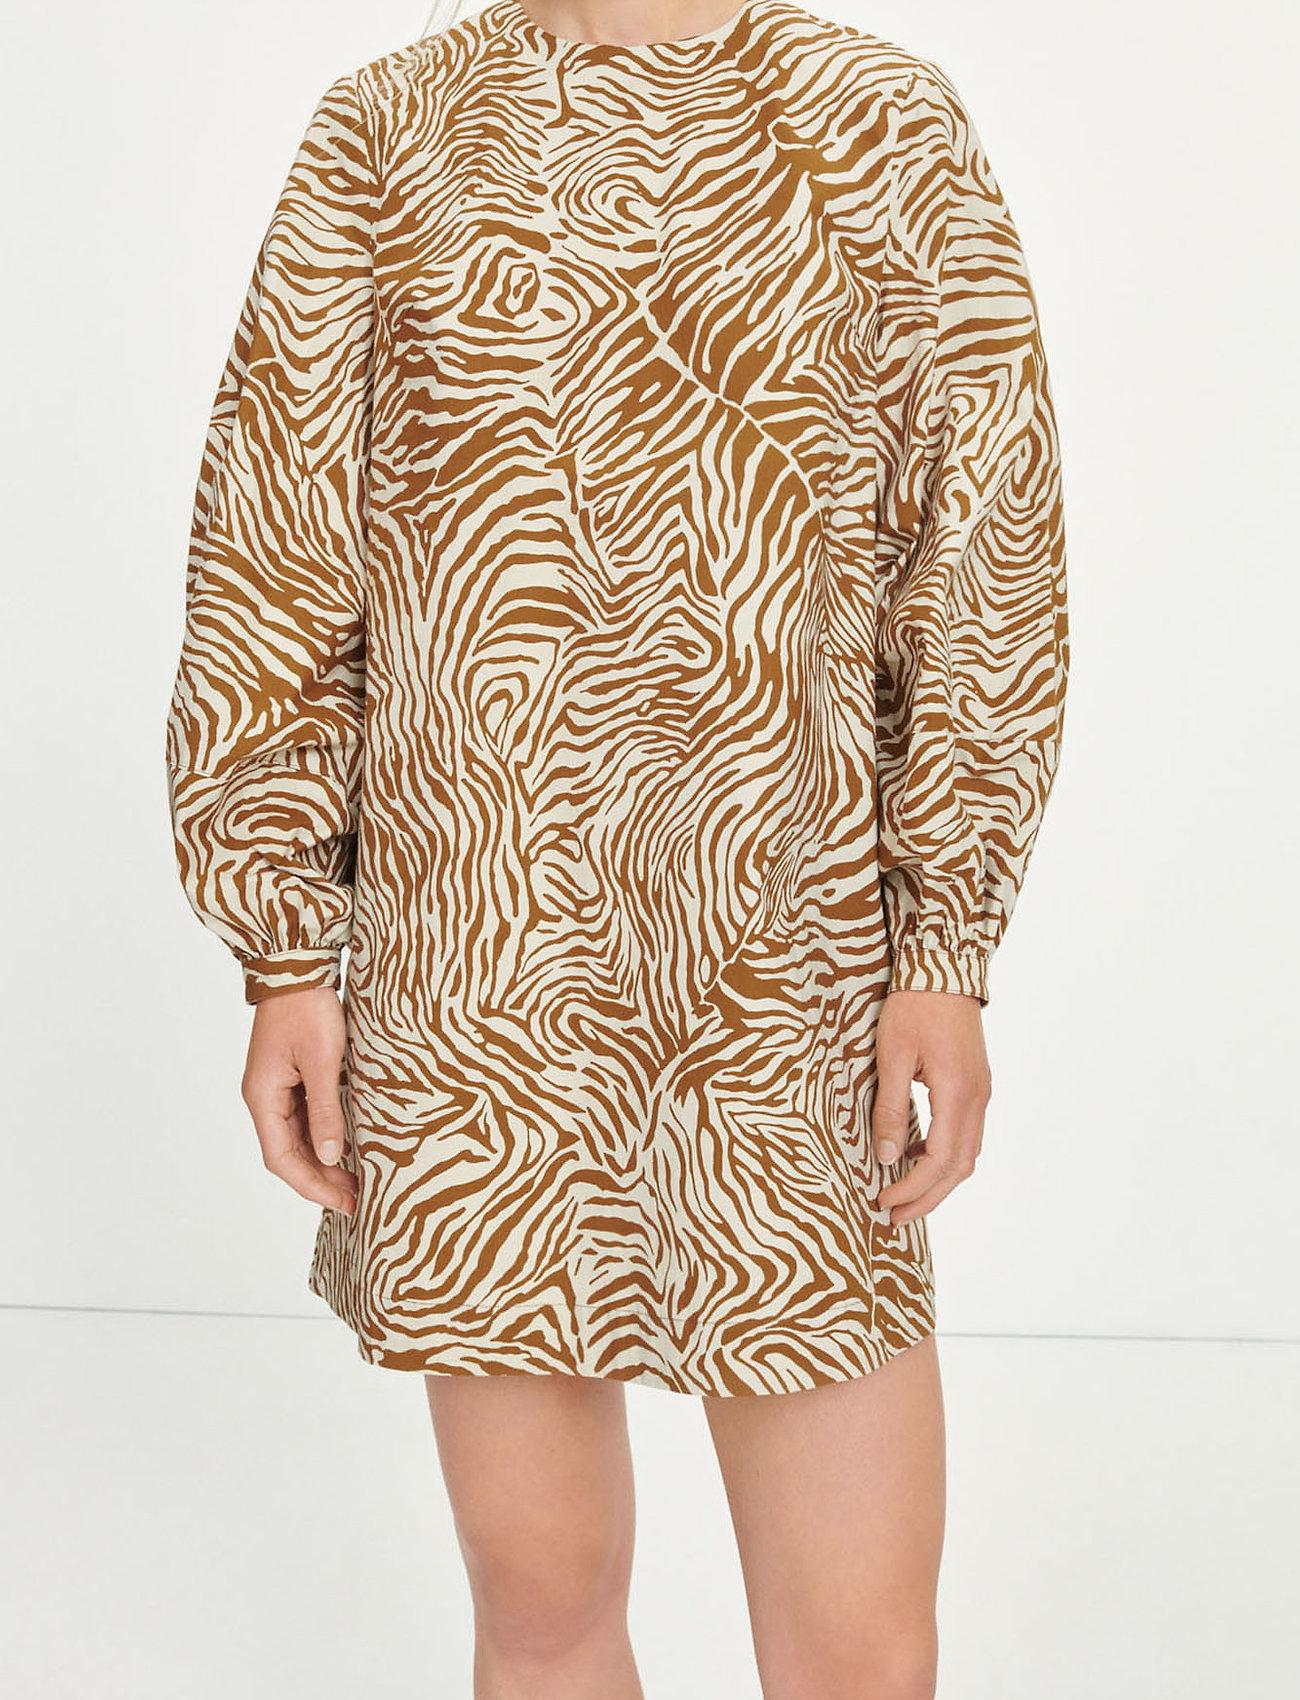 Samsøe Samsøe - Aram short dress aop 10783 - summer dresses - mountain zebra - 0